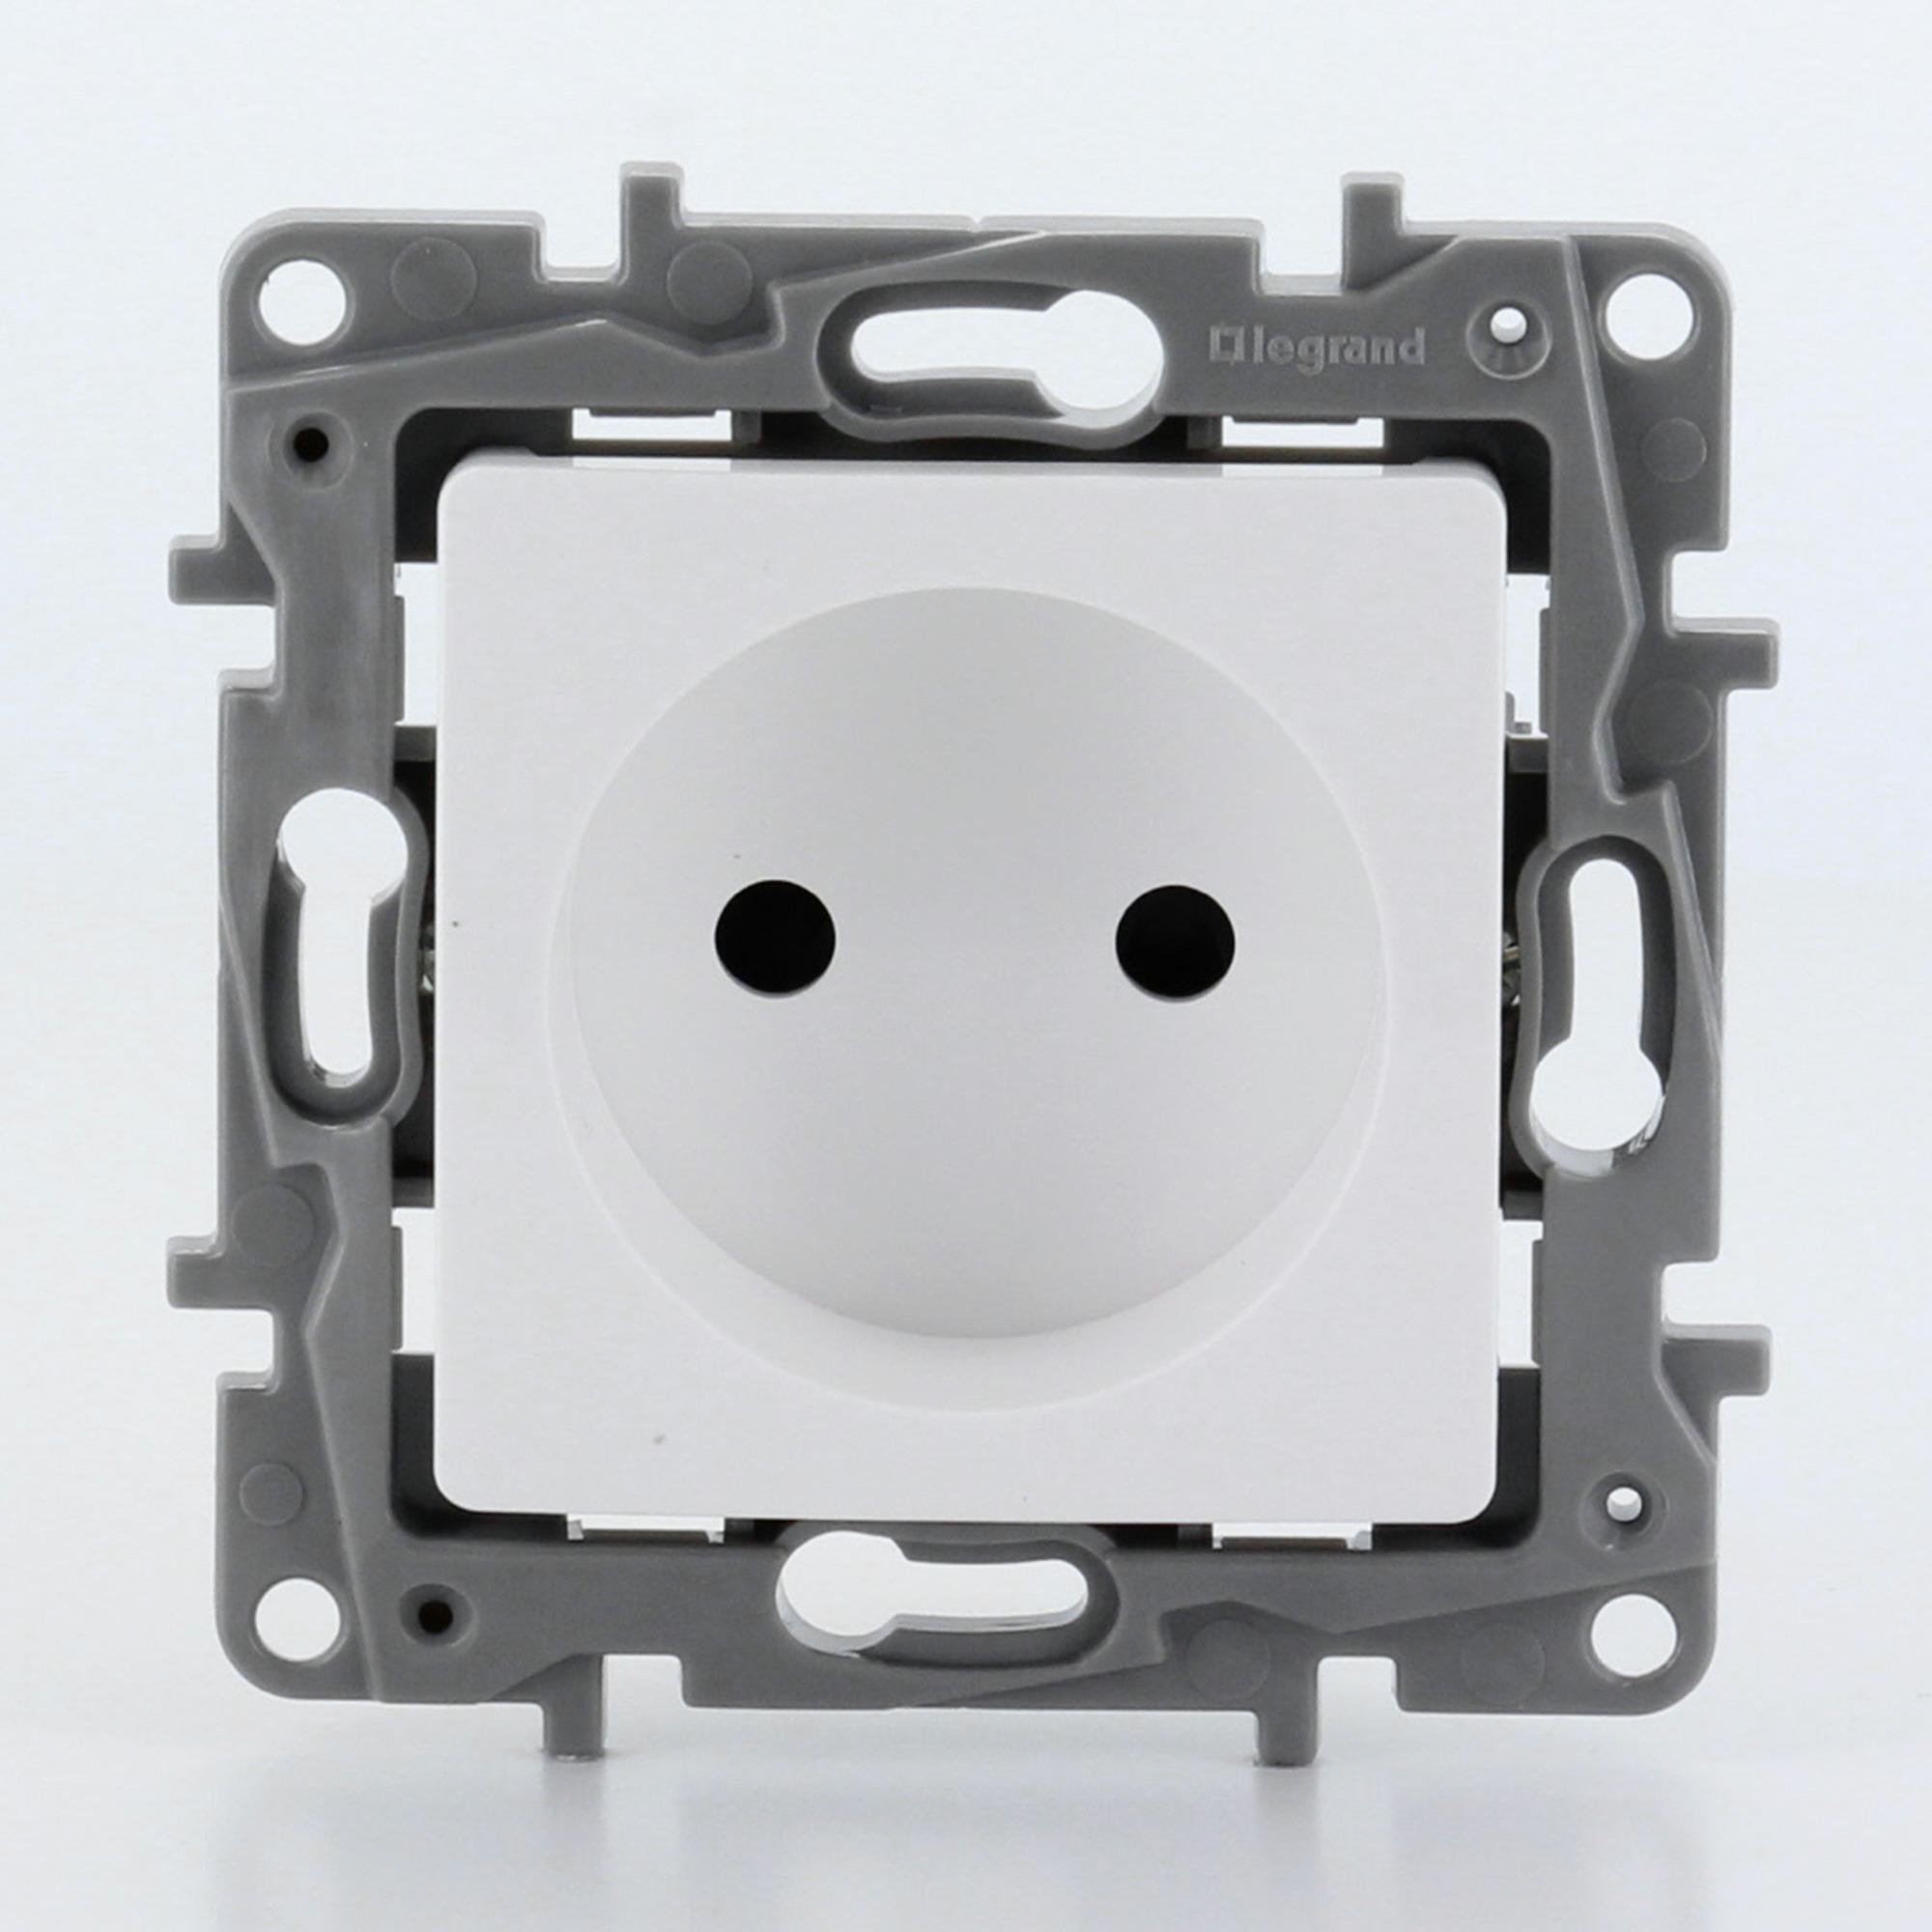 Legrand Nilo u00e9 stopcontact 2 polig zonder aarding wit   Stopcontacten   Schakelmateriaal